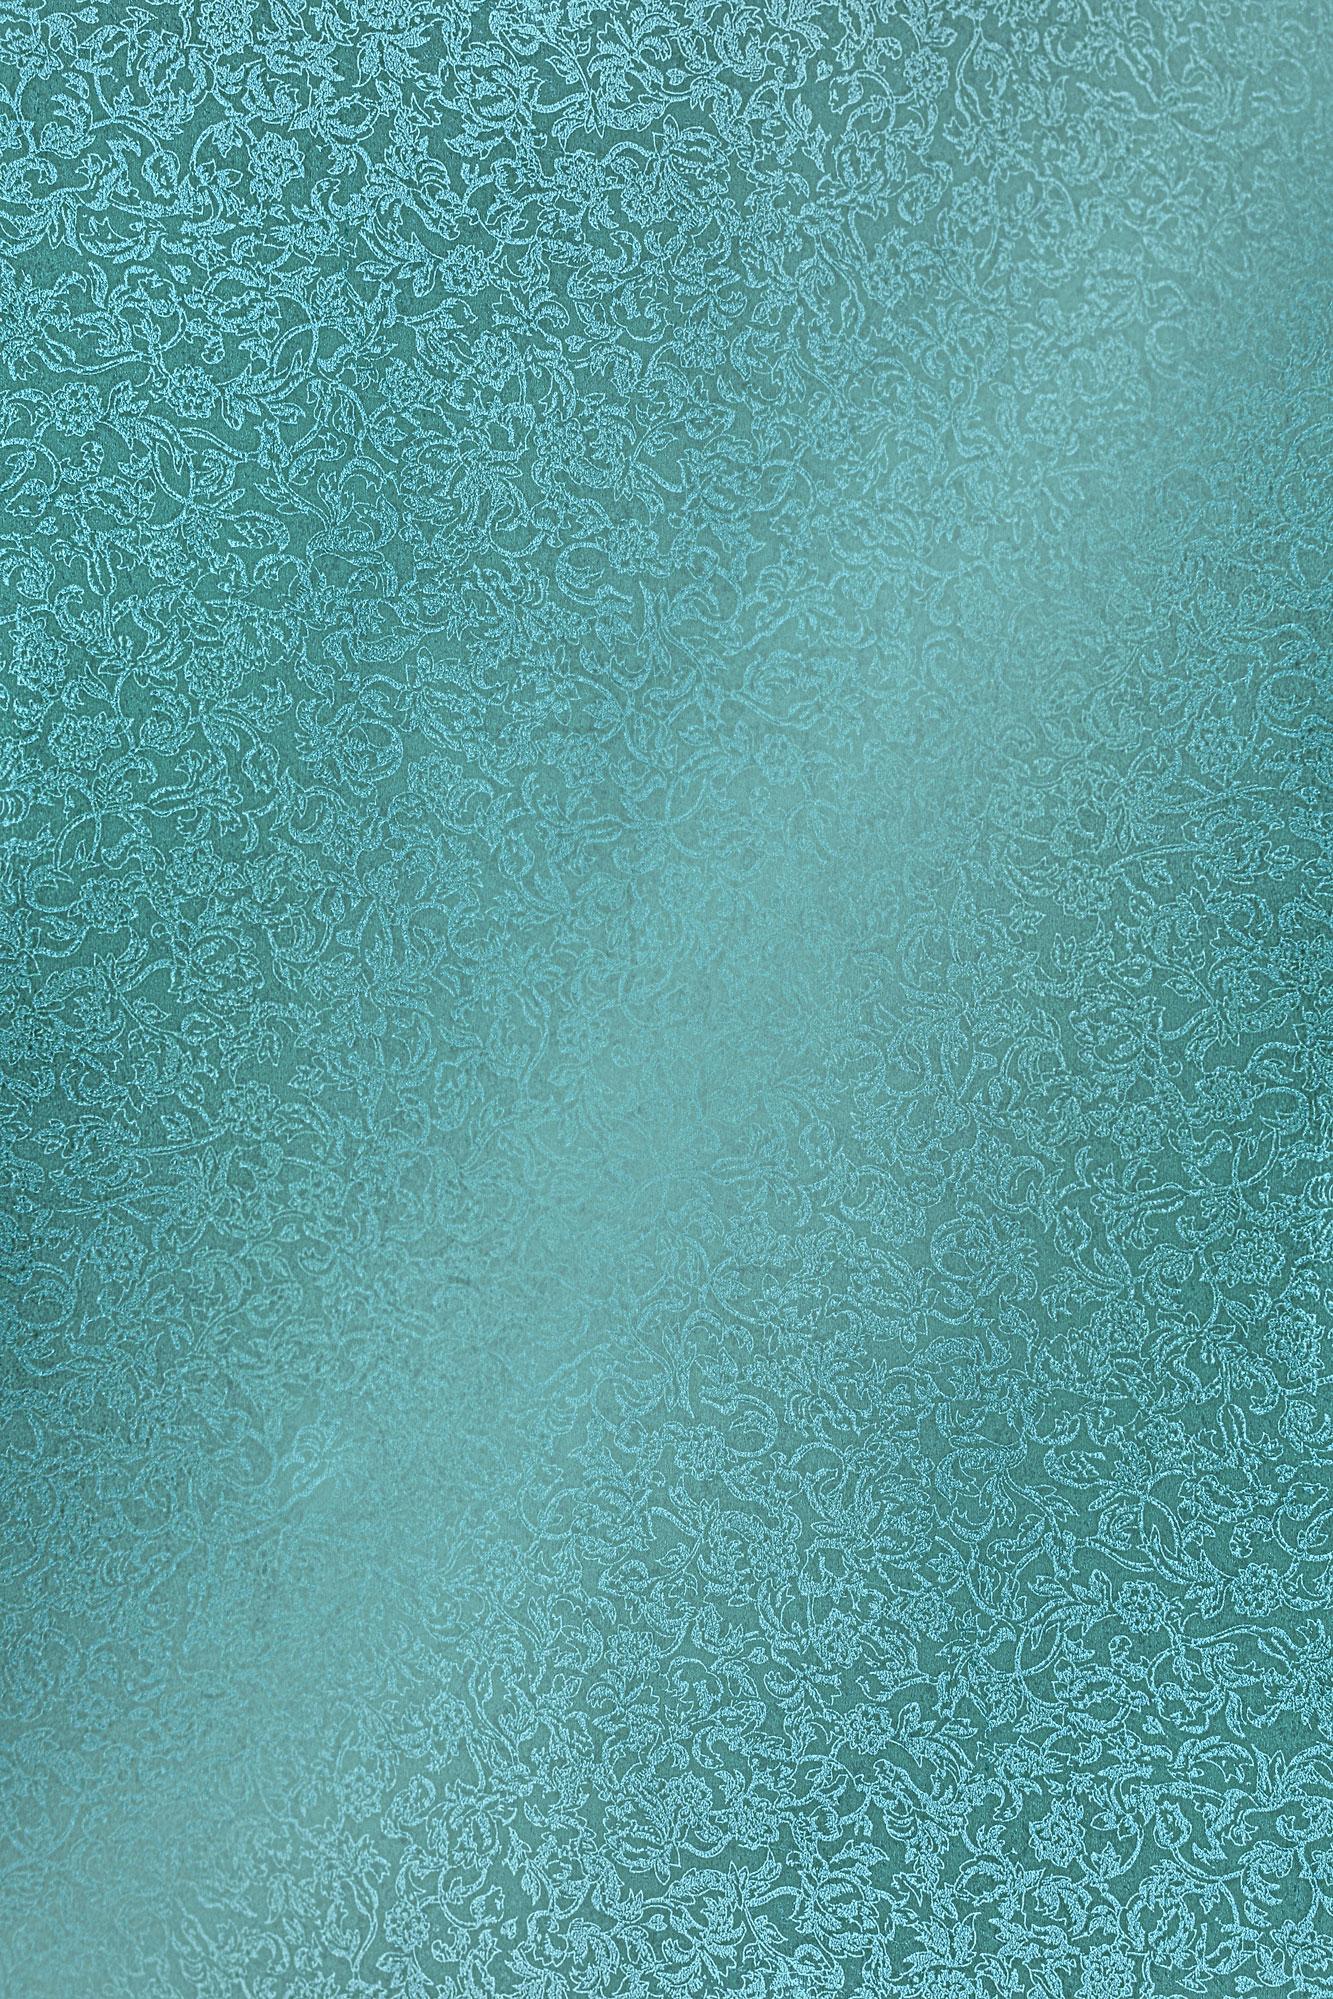 4225 HG Альмаден цвета морской волны